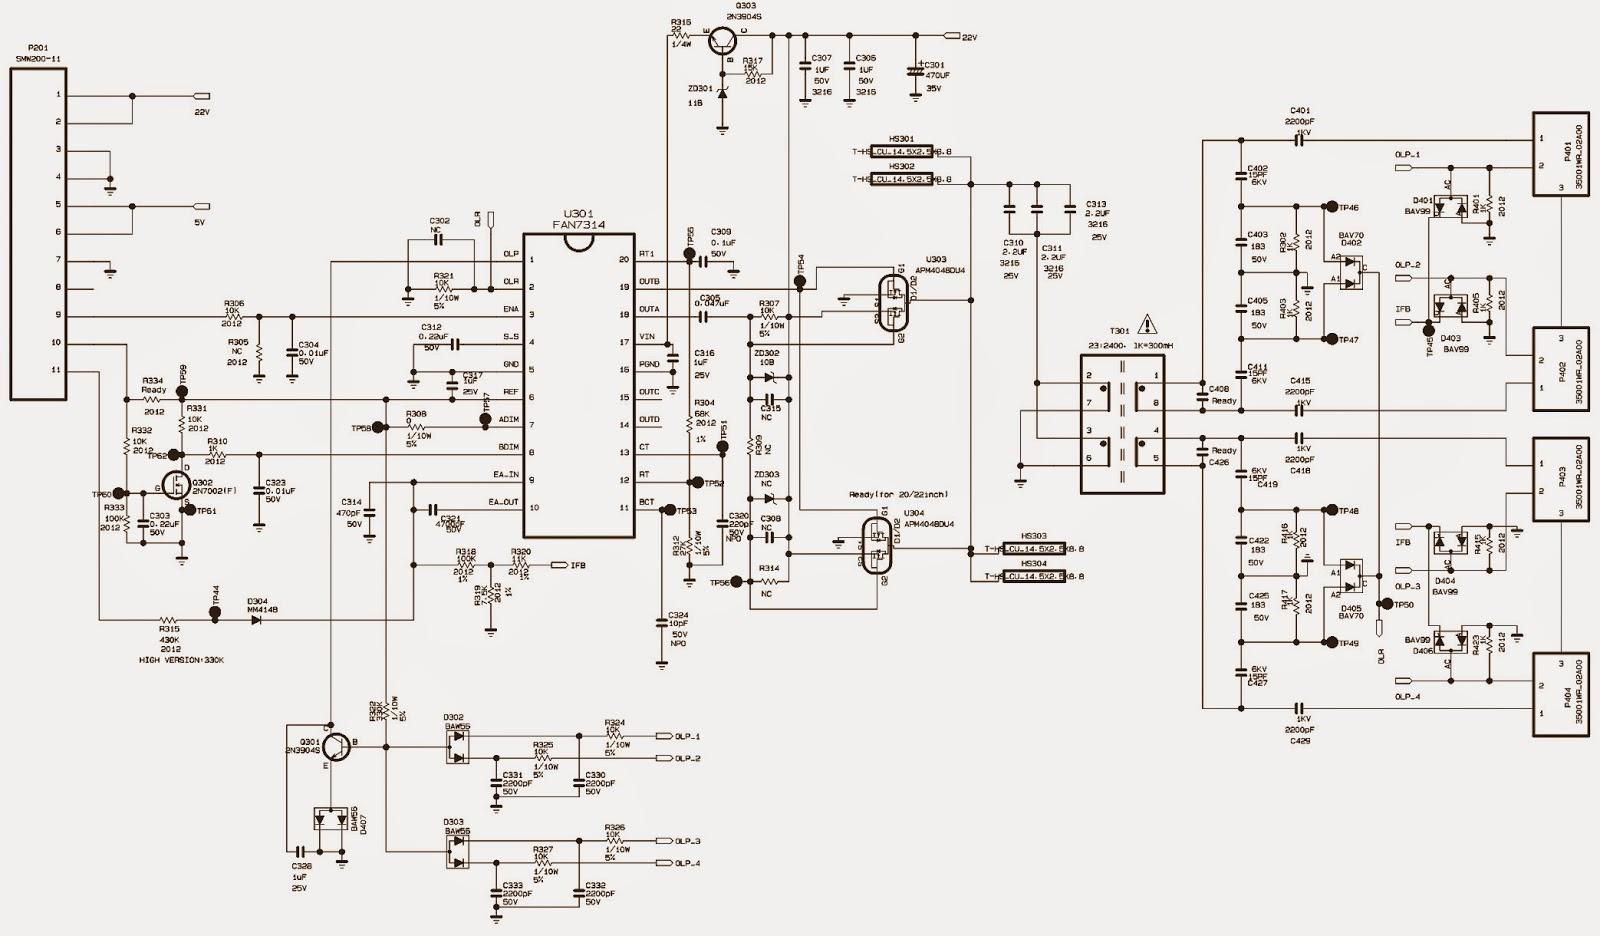 LG SMPS (Power Supply) SCHEMATICS - LM57G – LM91G